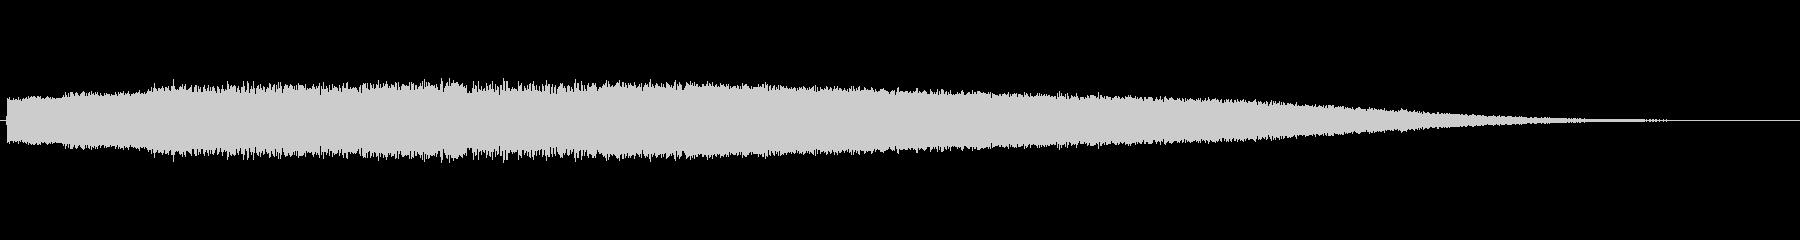 レーザービームの様な音色のサウンドロゴの未再生の波形